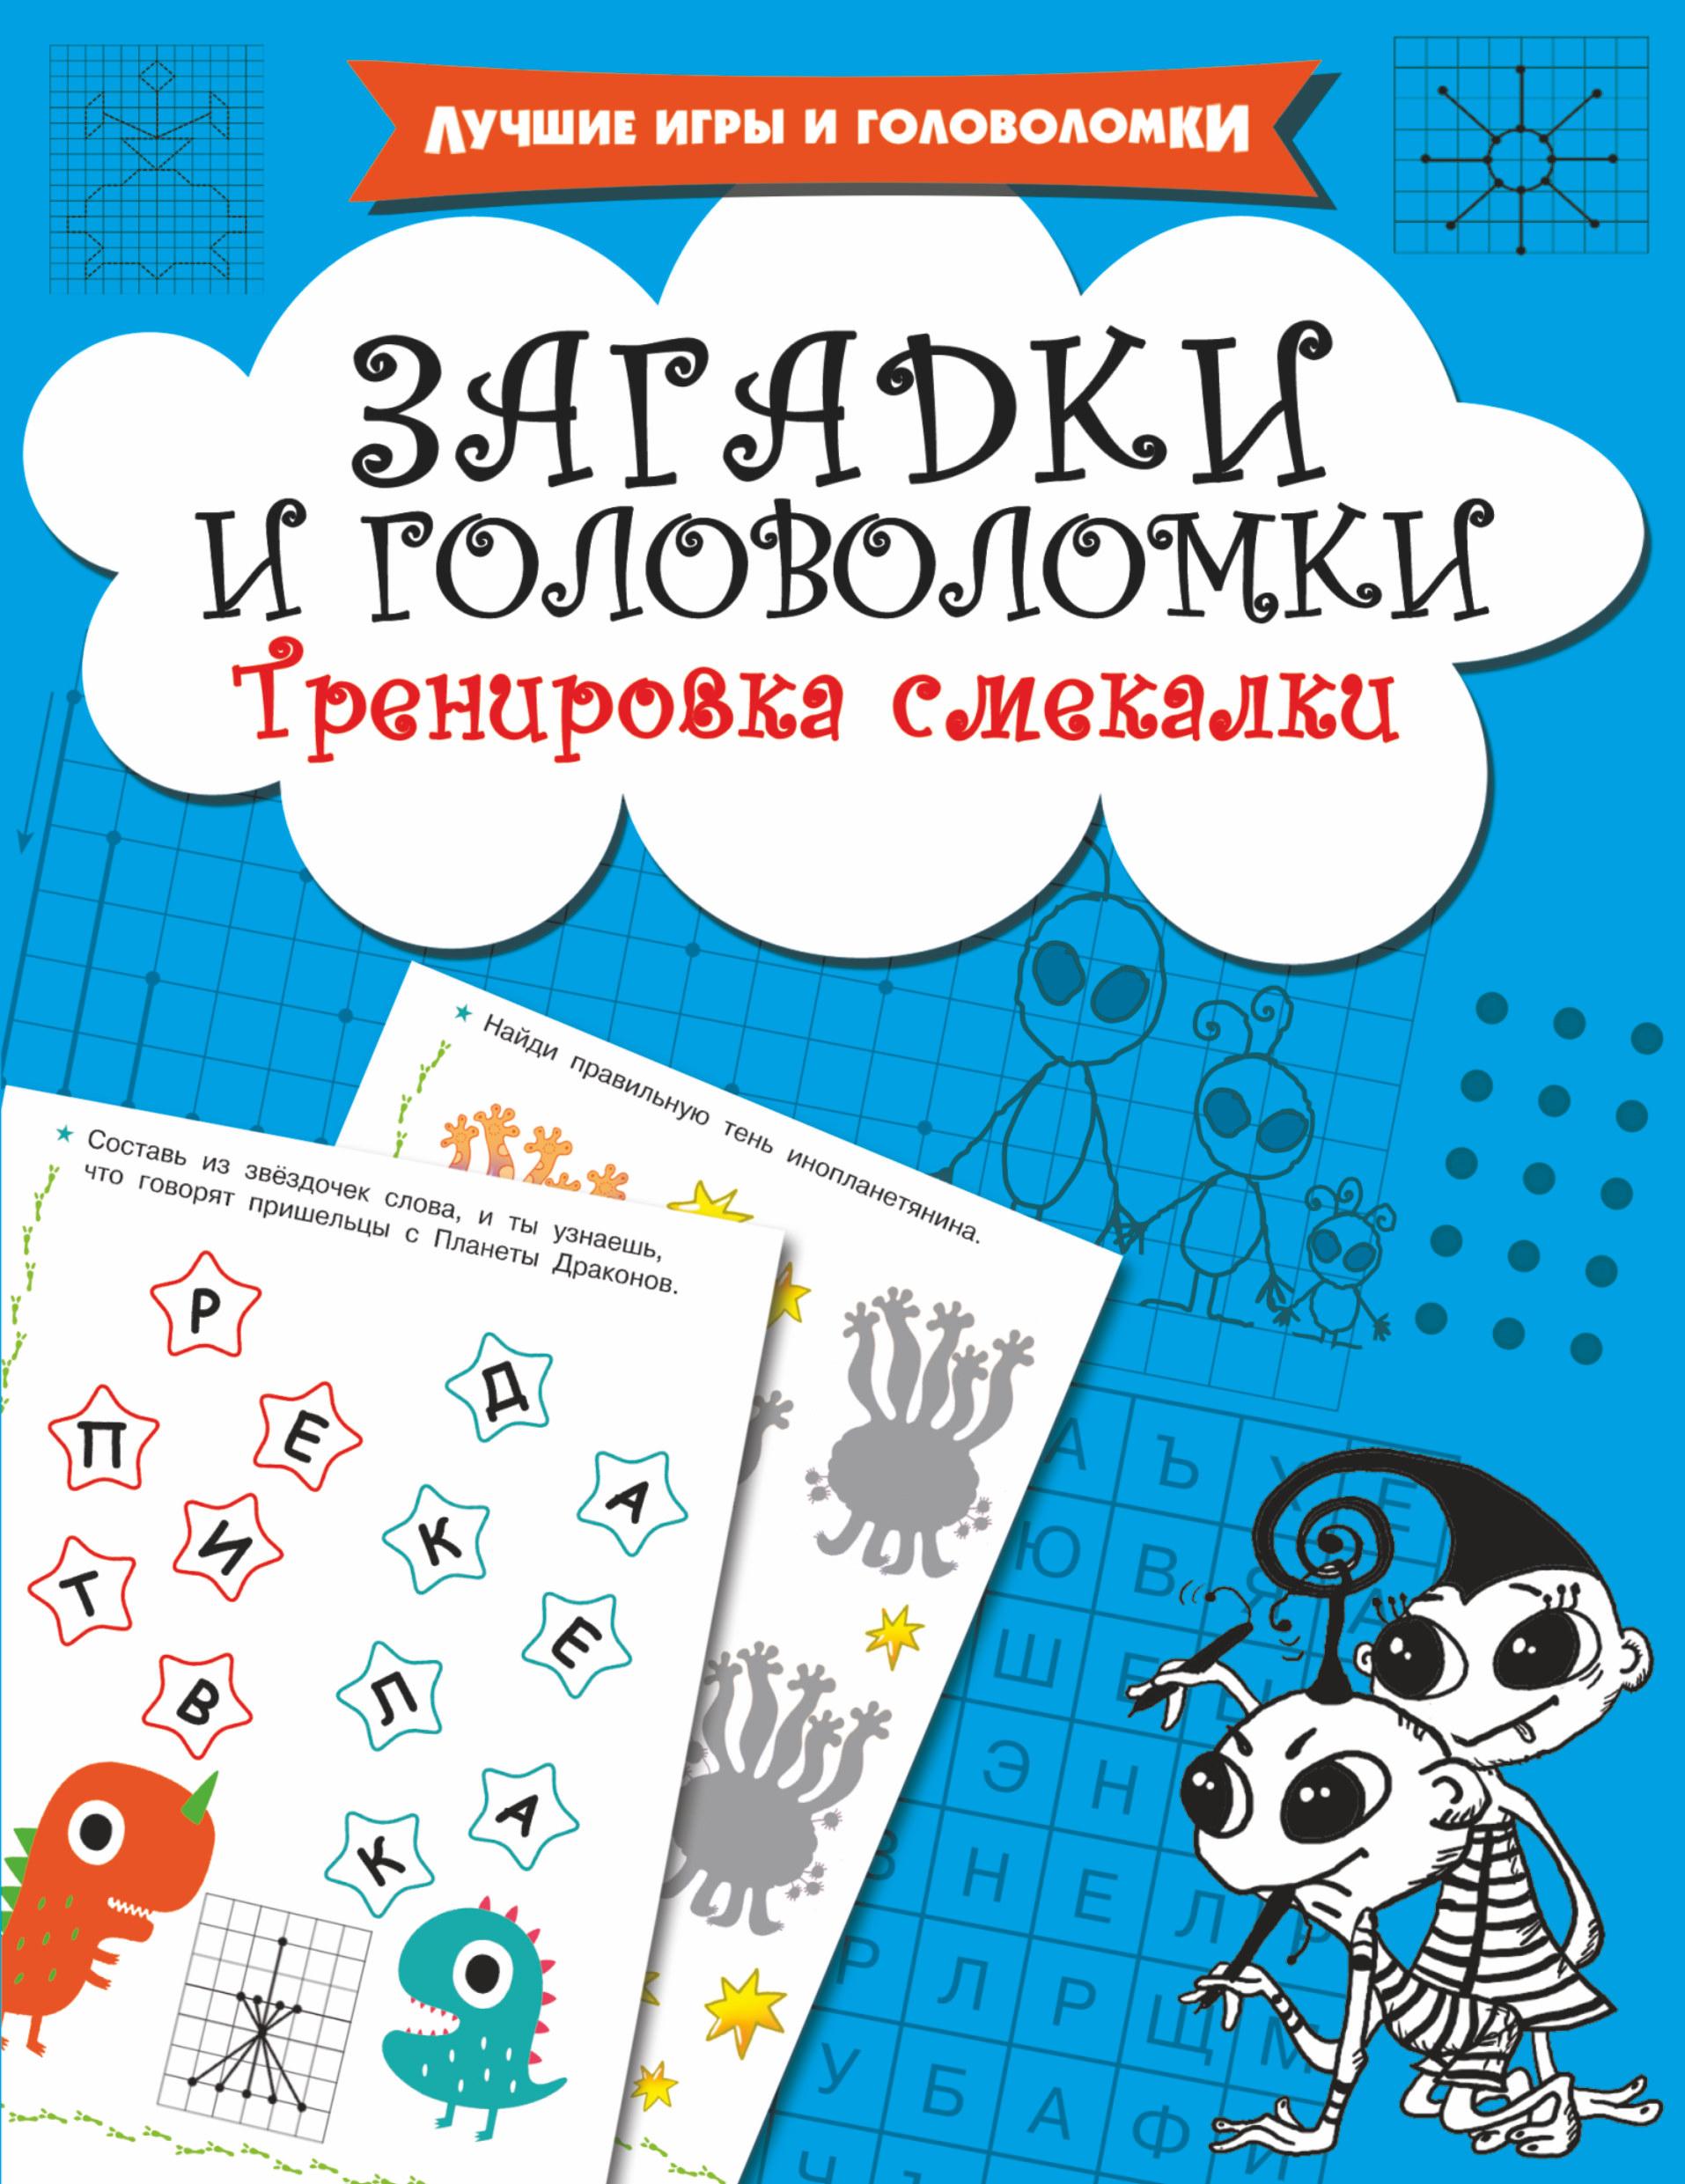 Дмитриева В.Г. Загадки и головоломки. Тренировка смекалки я изобретатель 60 творческих заданий чтобы научиться нестандартно мыслить